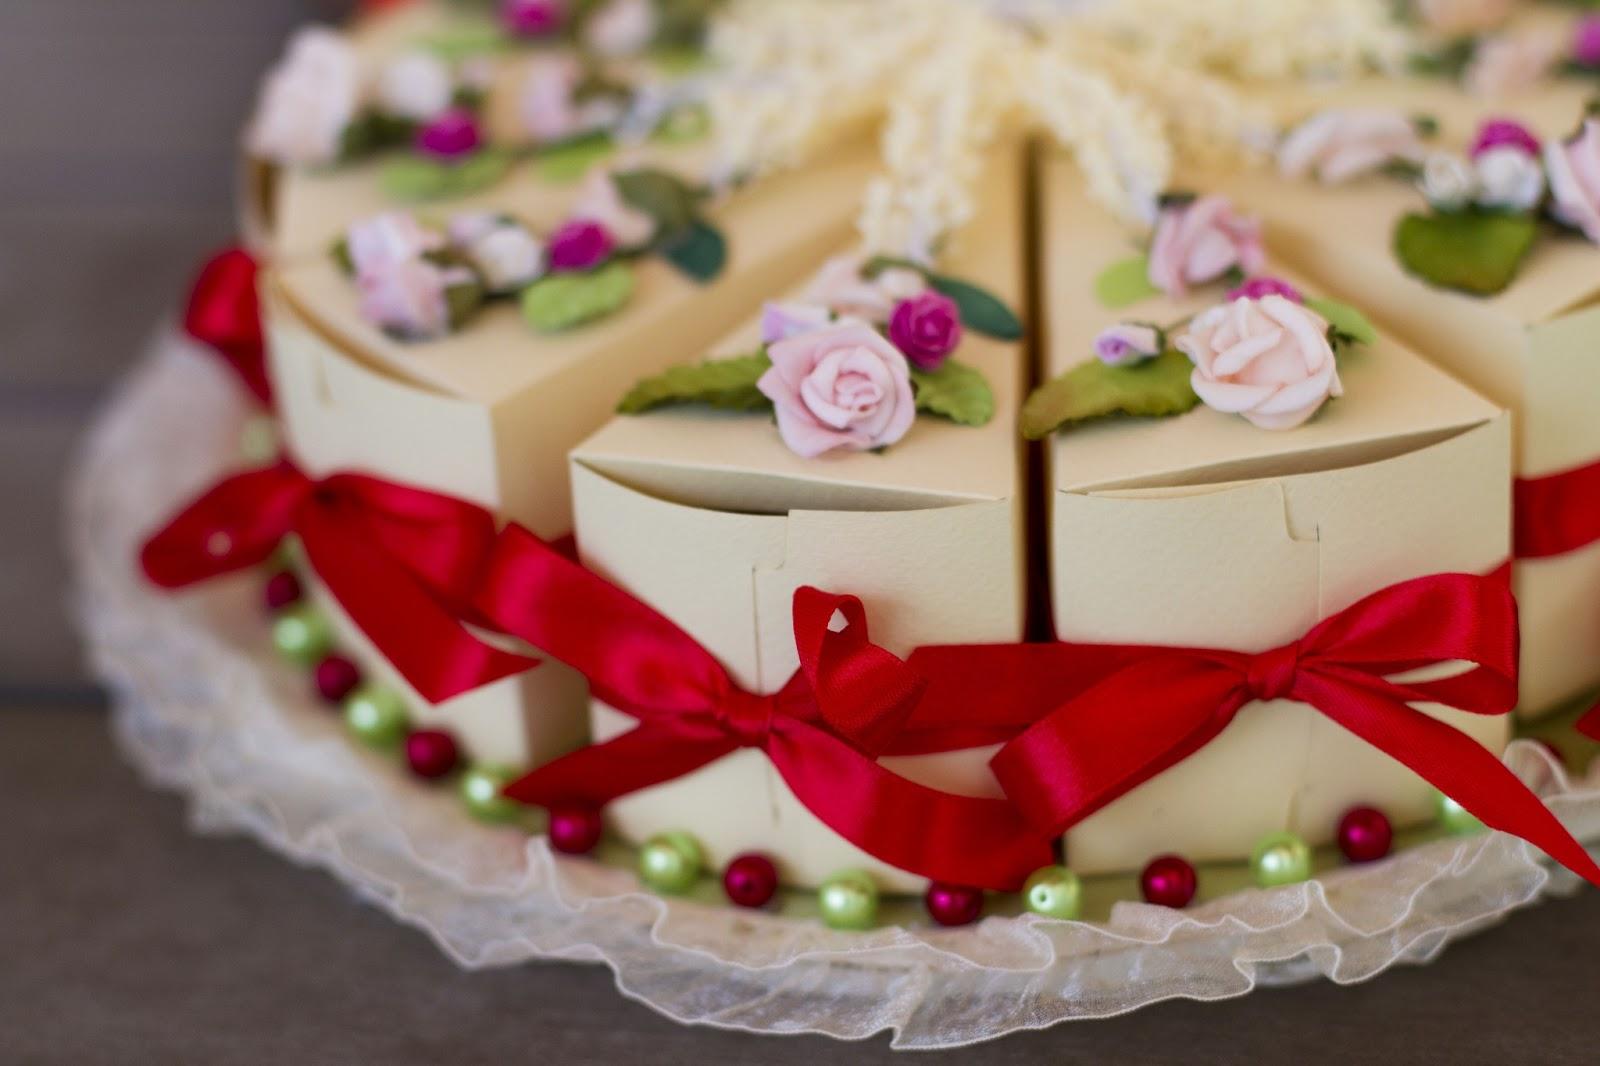 Поздравления к денежному торту на свадьбу - Год 2018